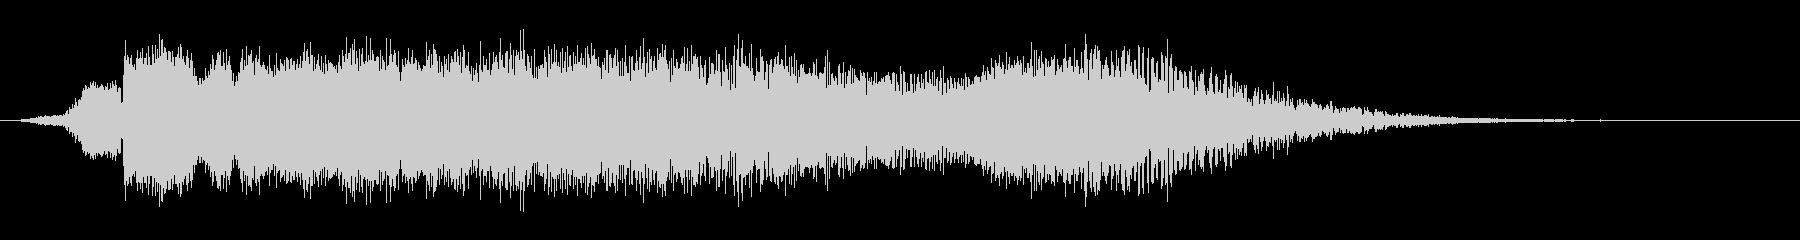 ダークシャインスイープアクセントの未再生の波形